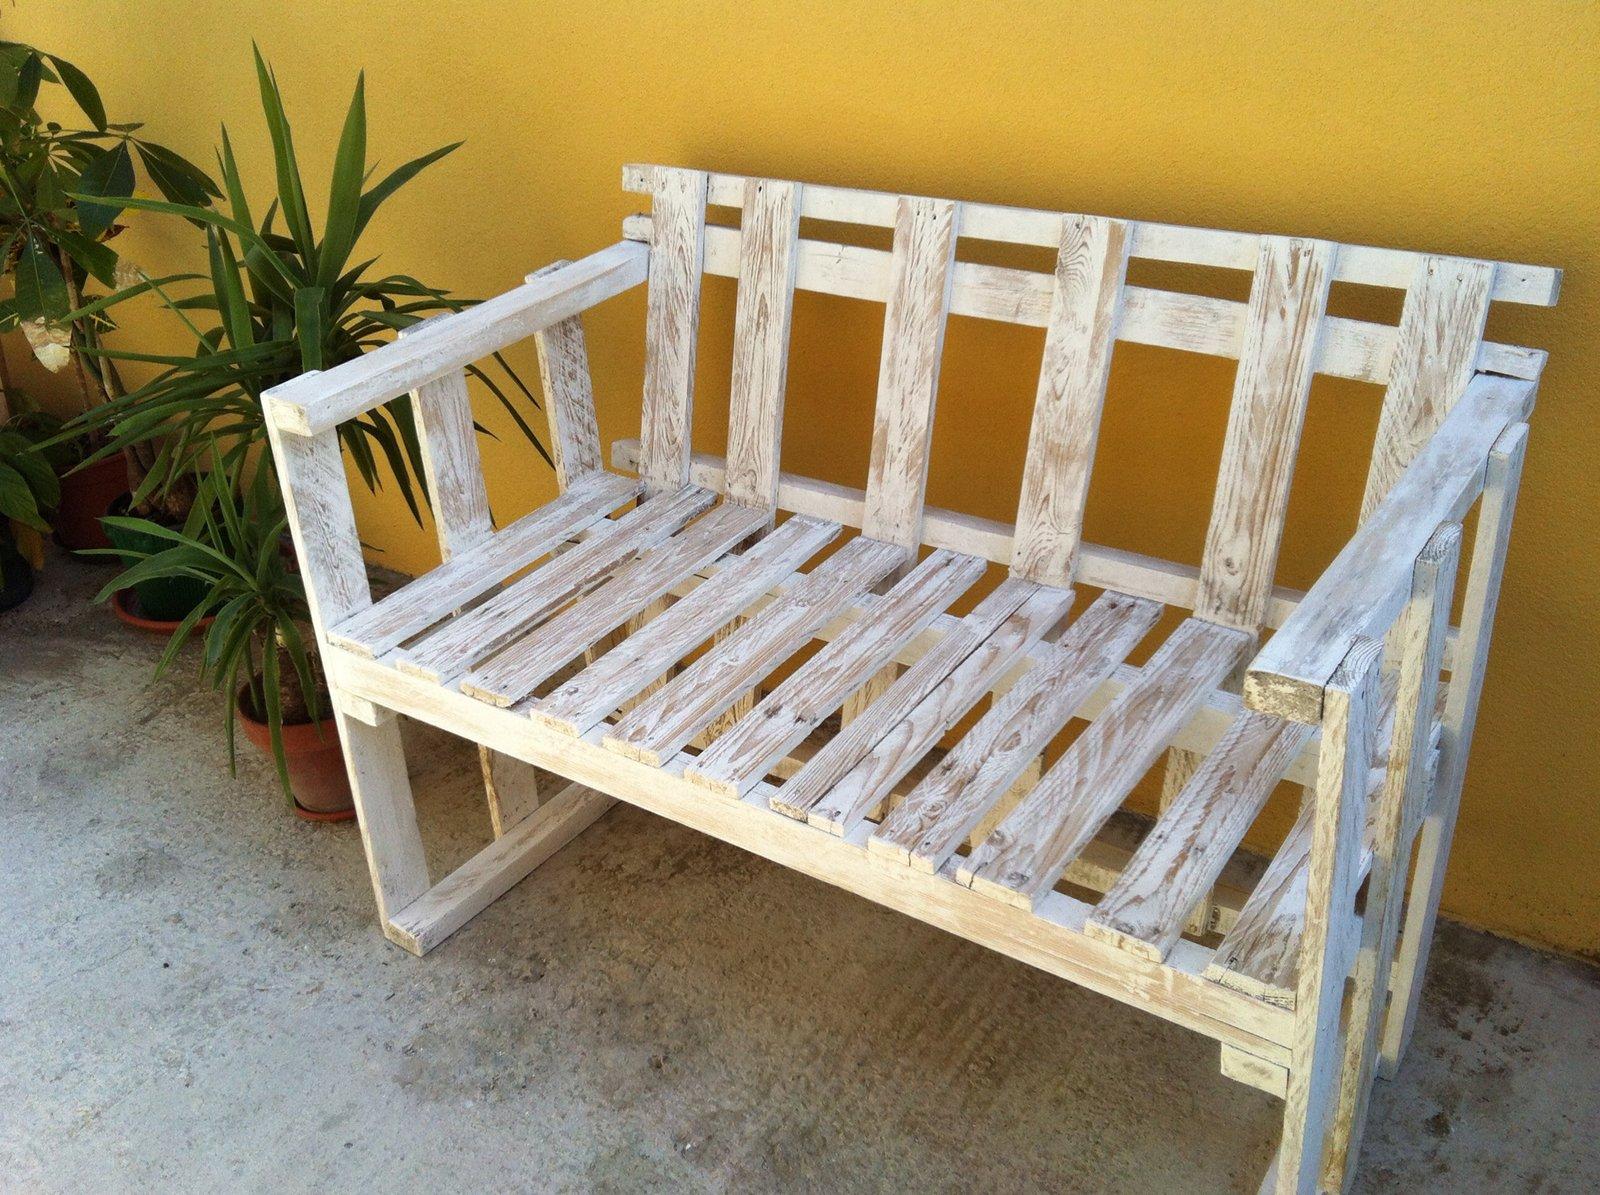 Il divanetto per esterni in stile shabby cose di casa - Divanetto in legno per esterno ...